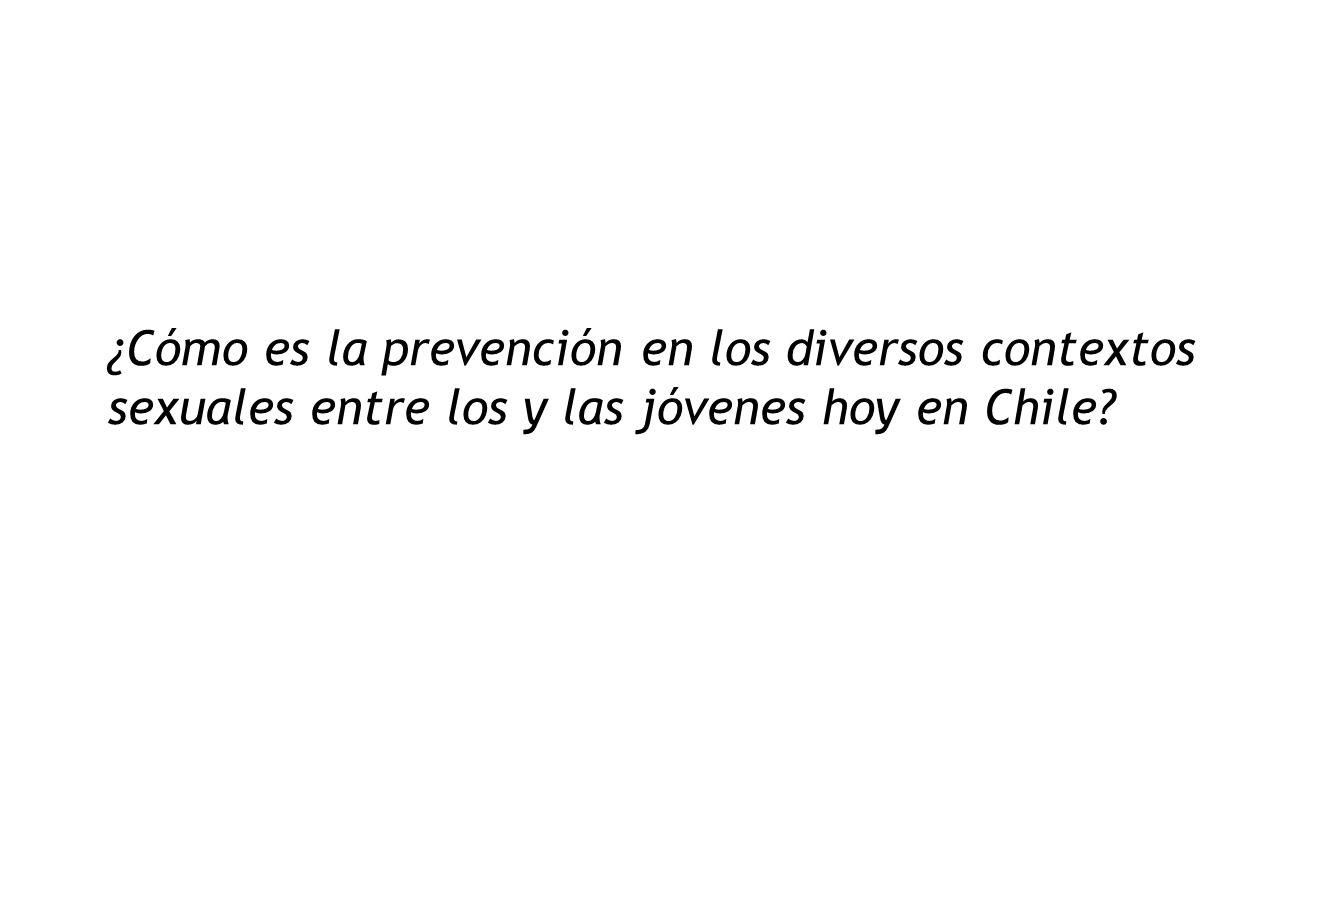 ¿Cómo es la prevención en los diversos contextos sexuales entre los y las jóvenes hoy en Chile